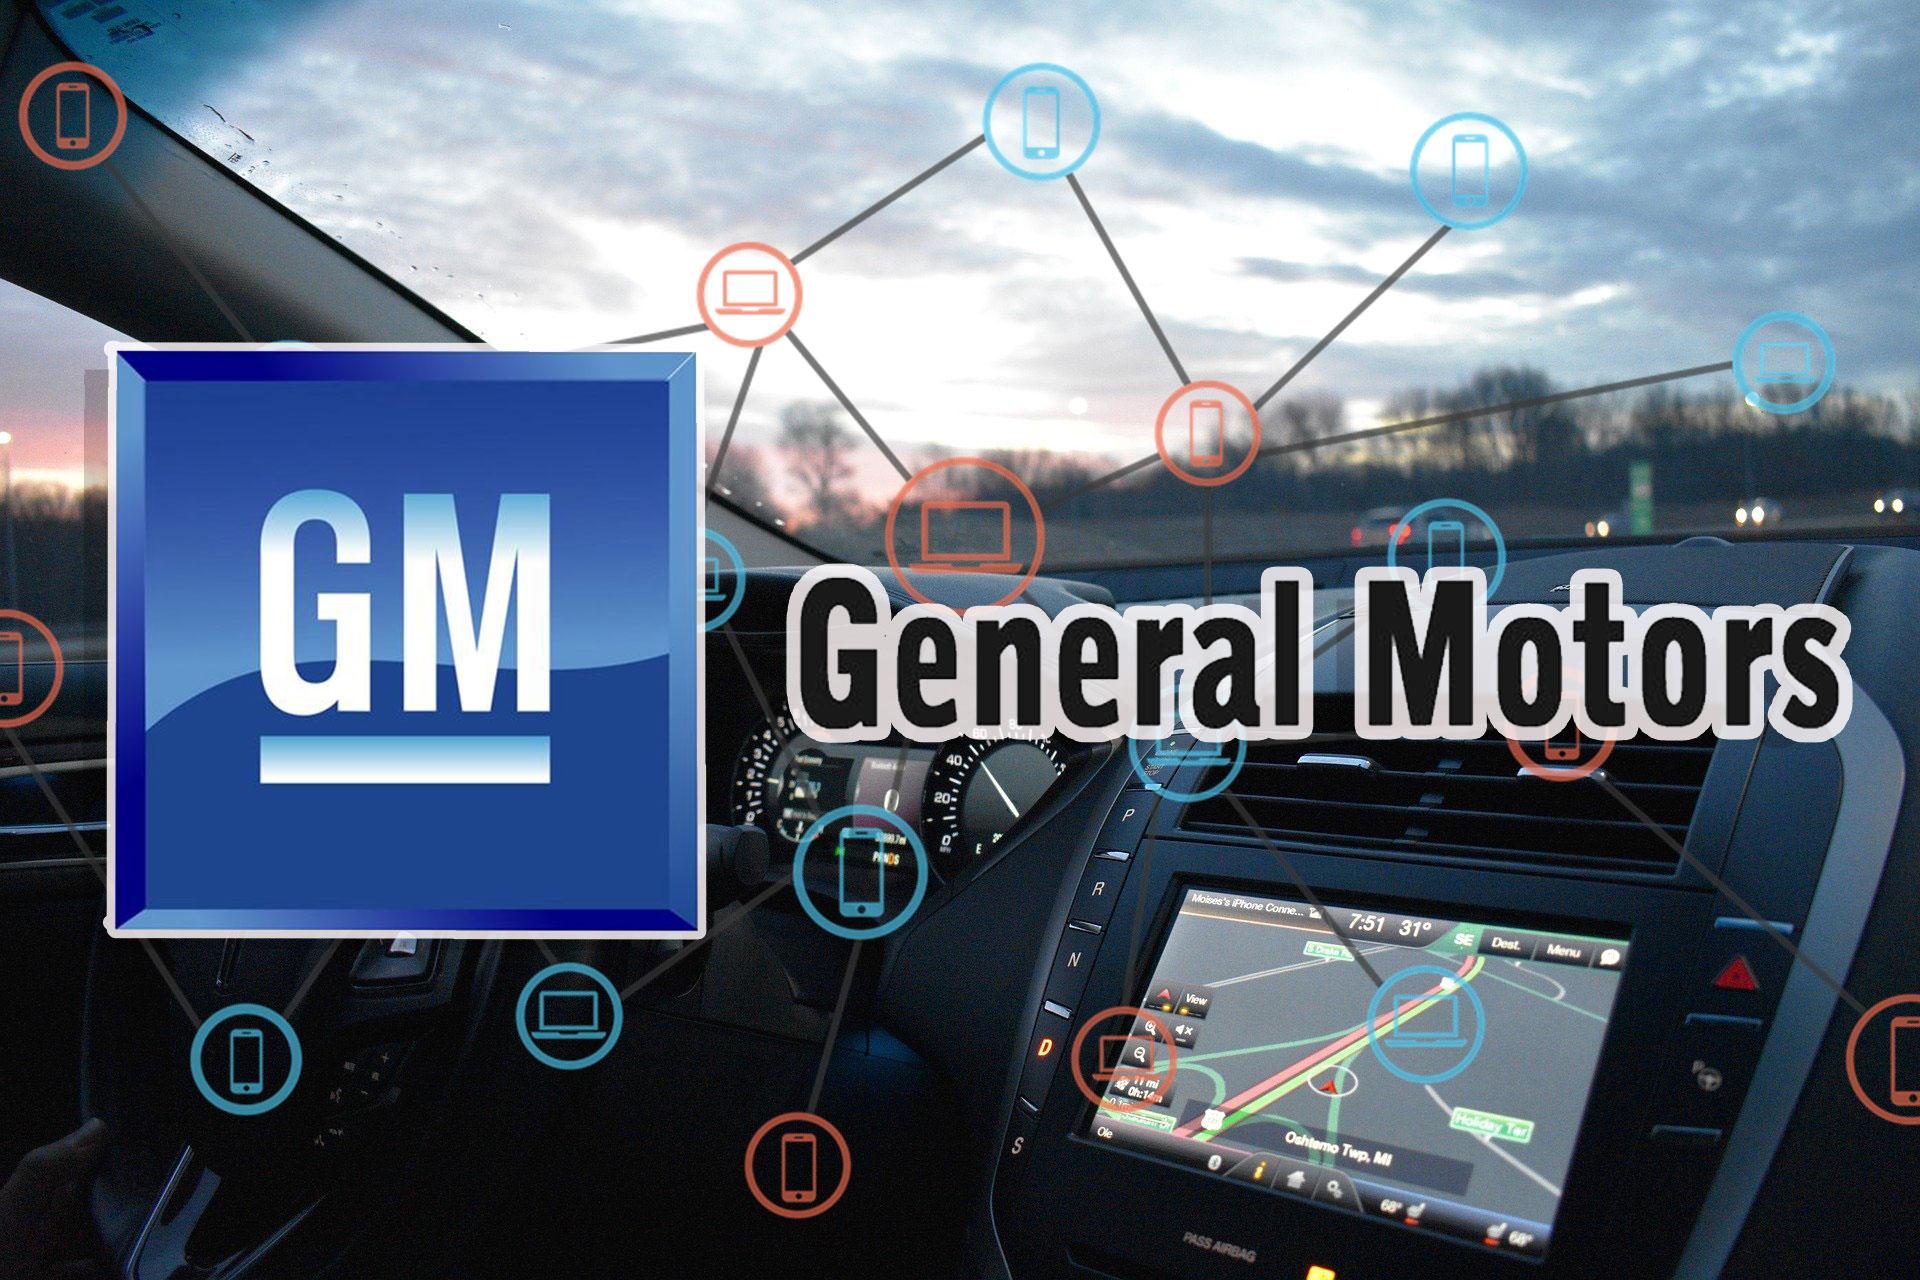 米自動車大手GM、ブロックチェーンを活用したナビゲーションマップで特許申請